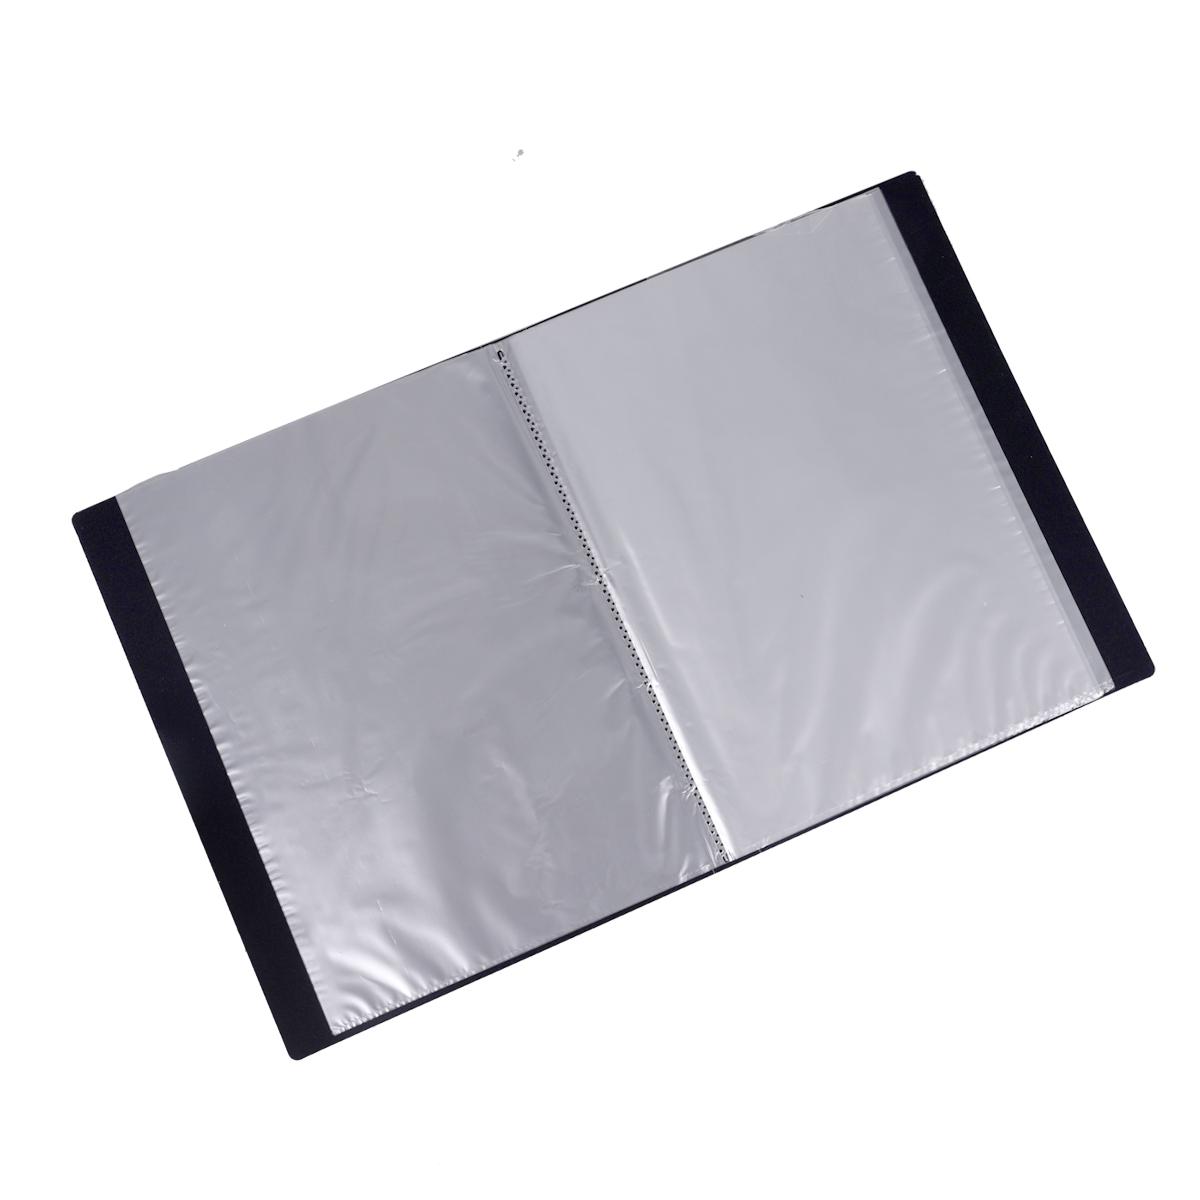 ملف جيوب شفافة 40 جيب – شفاف